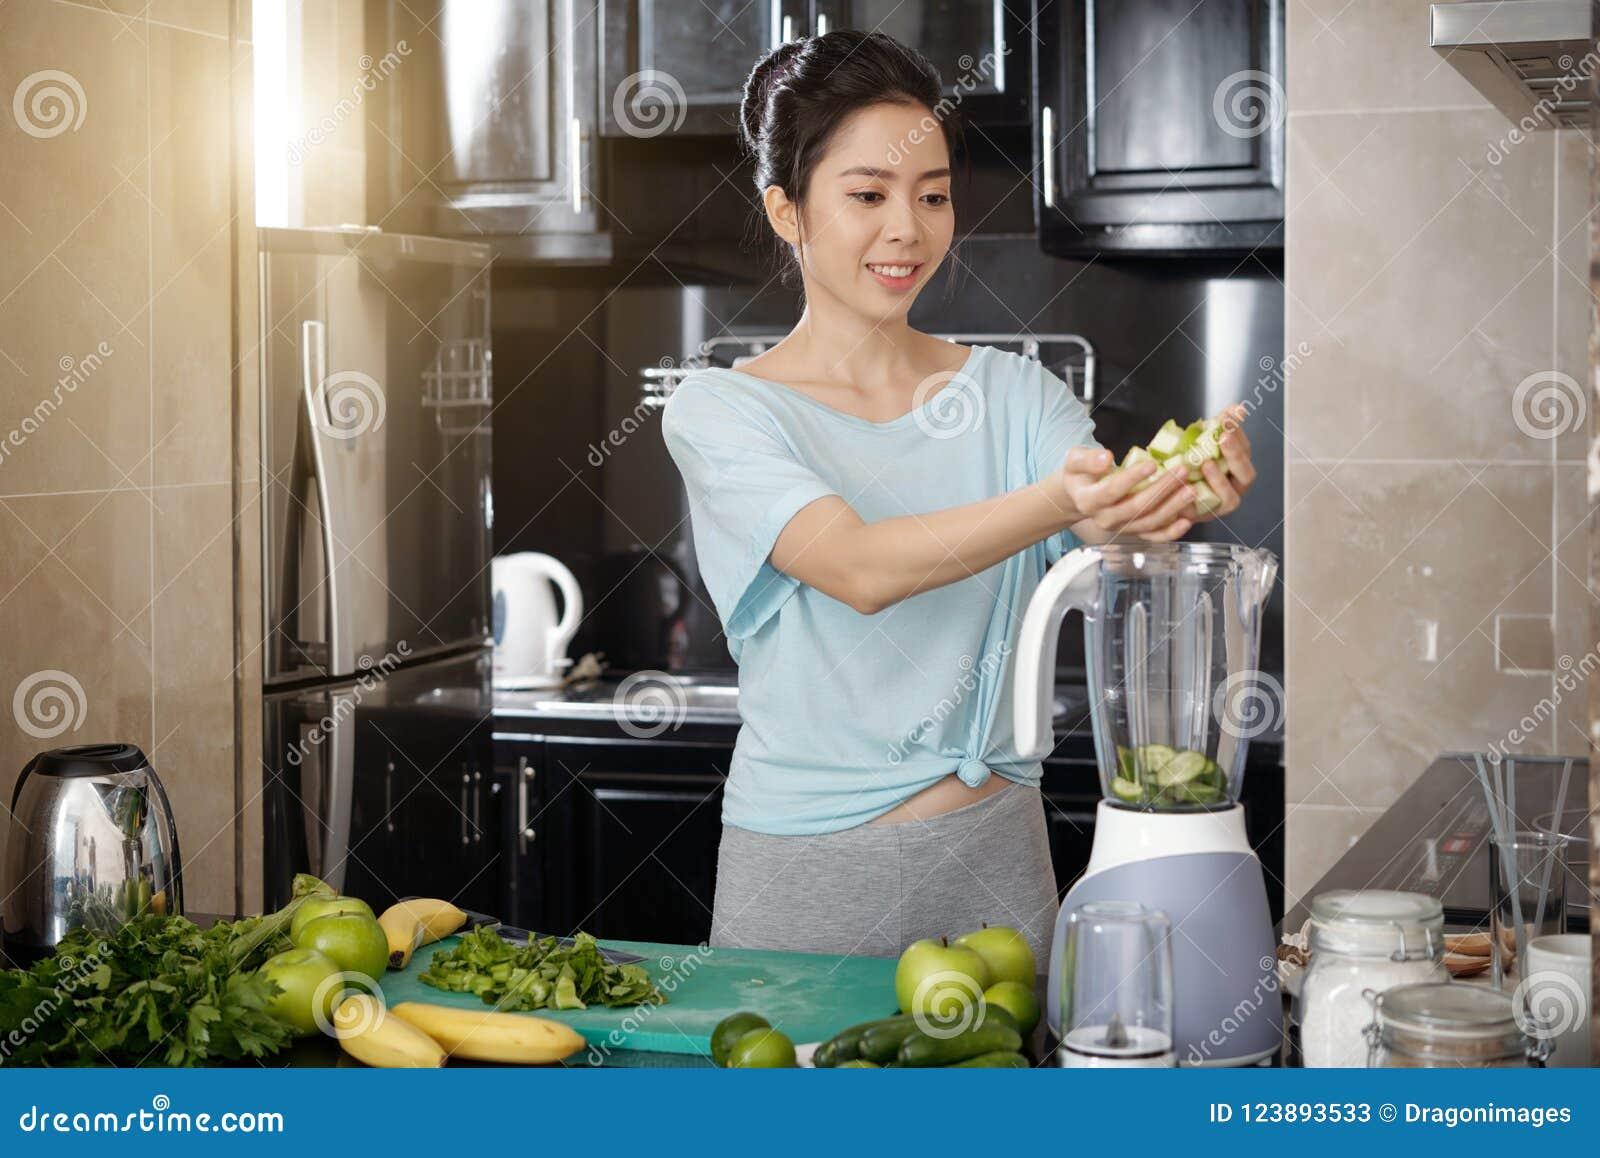 Asiatisk kvinna som sätter frukter i blandare